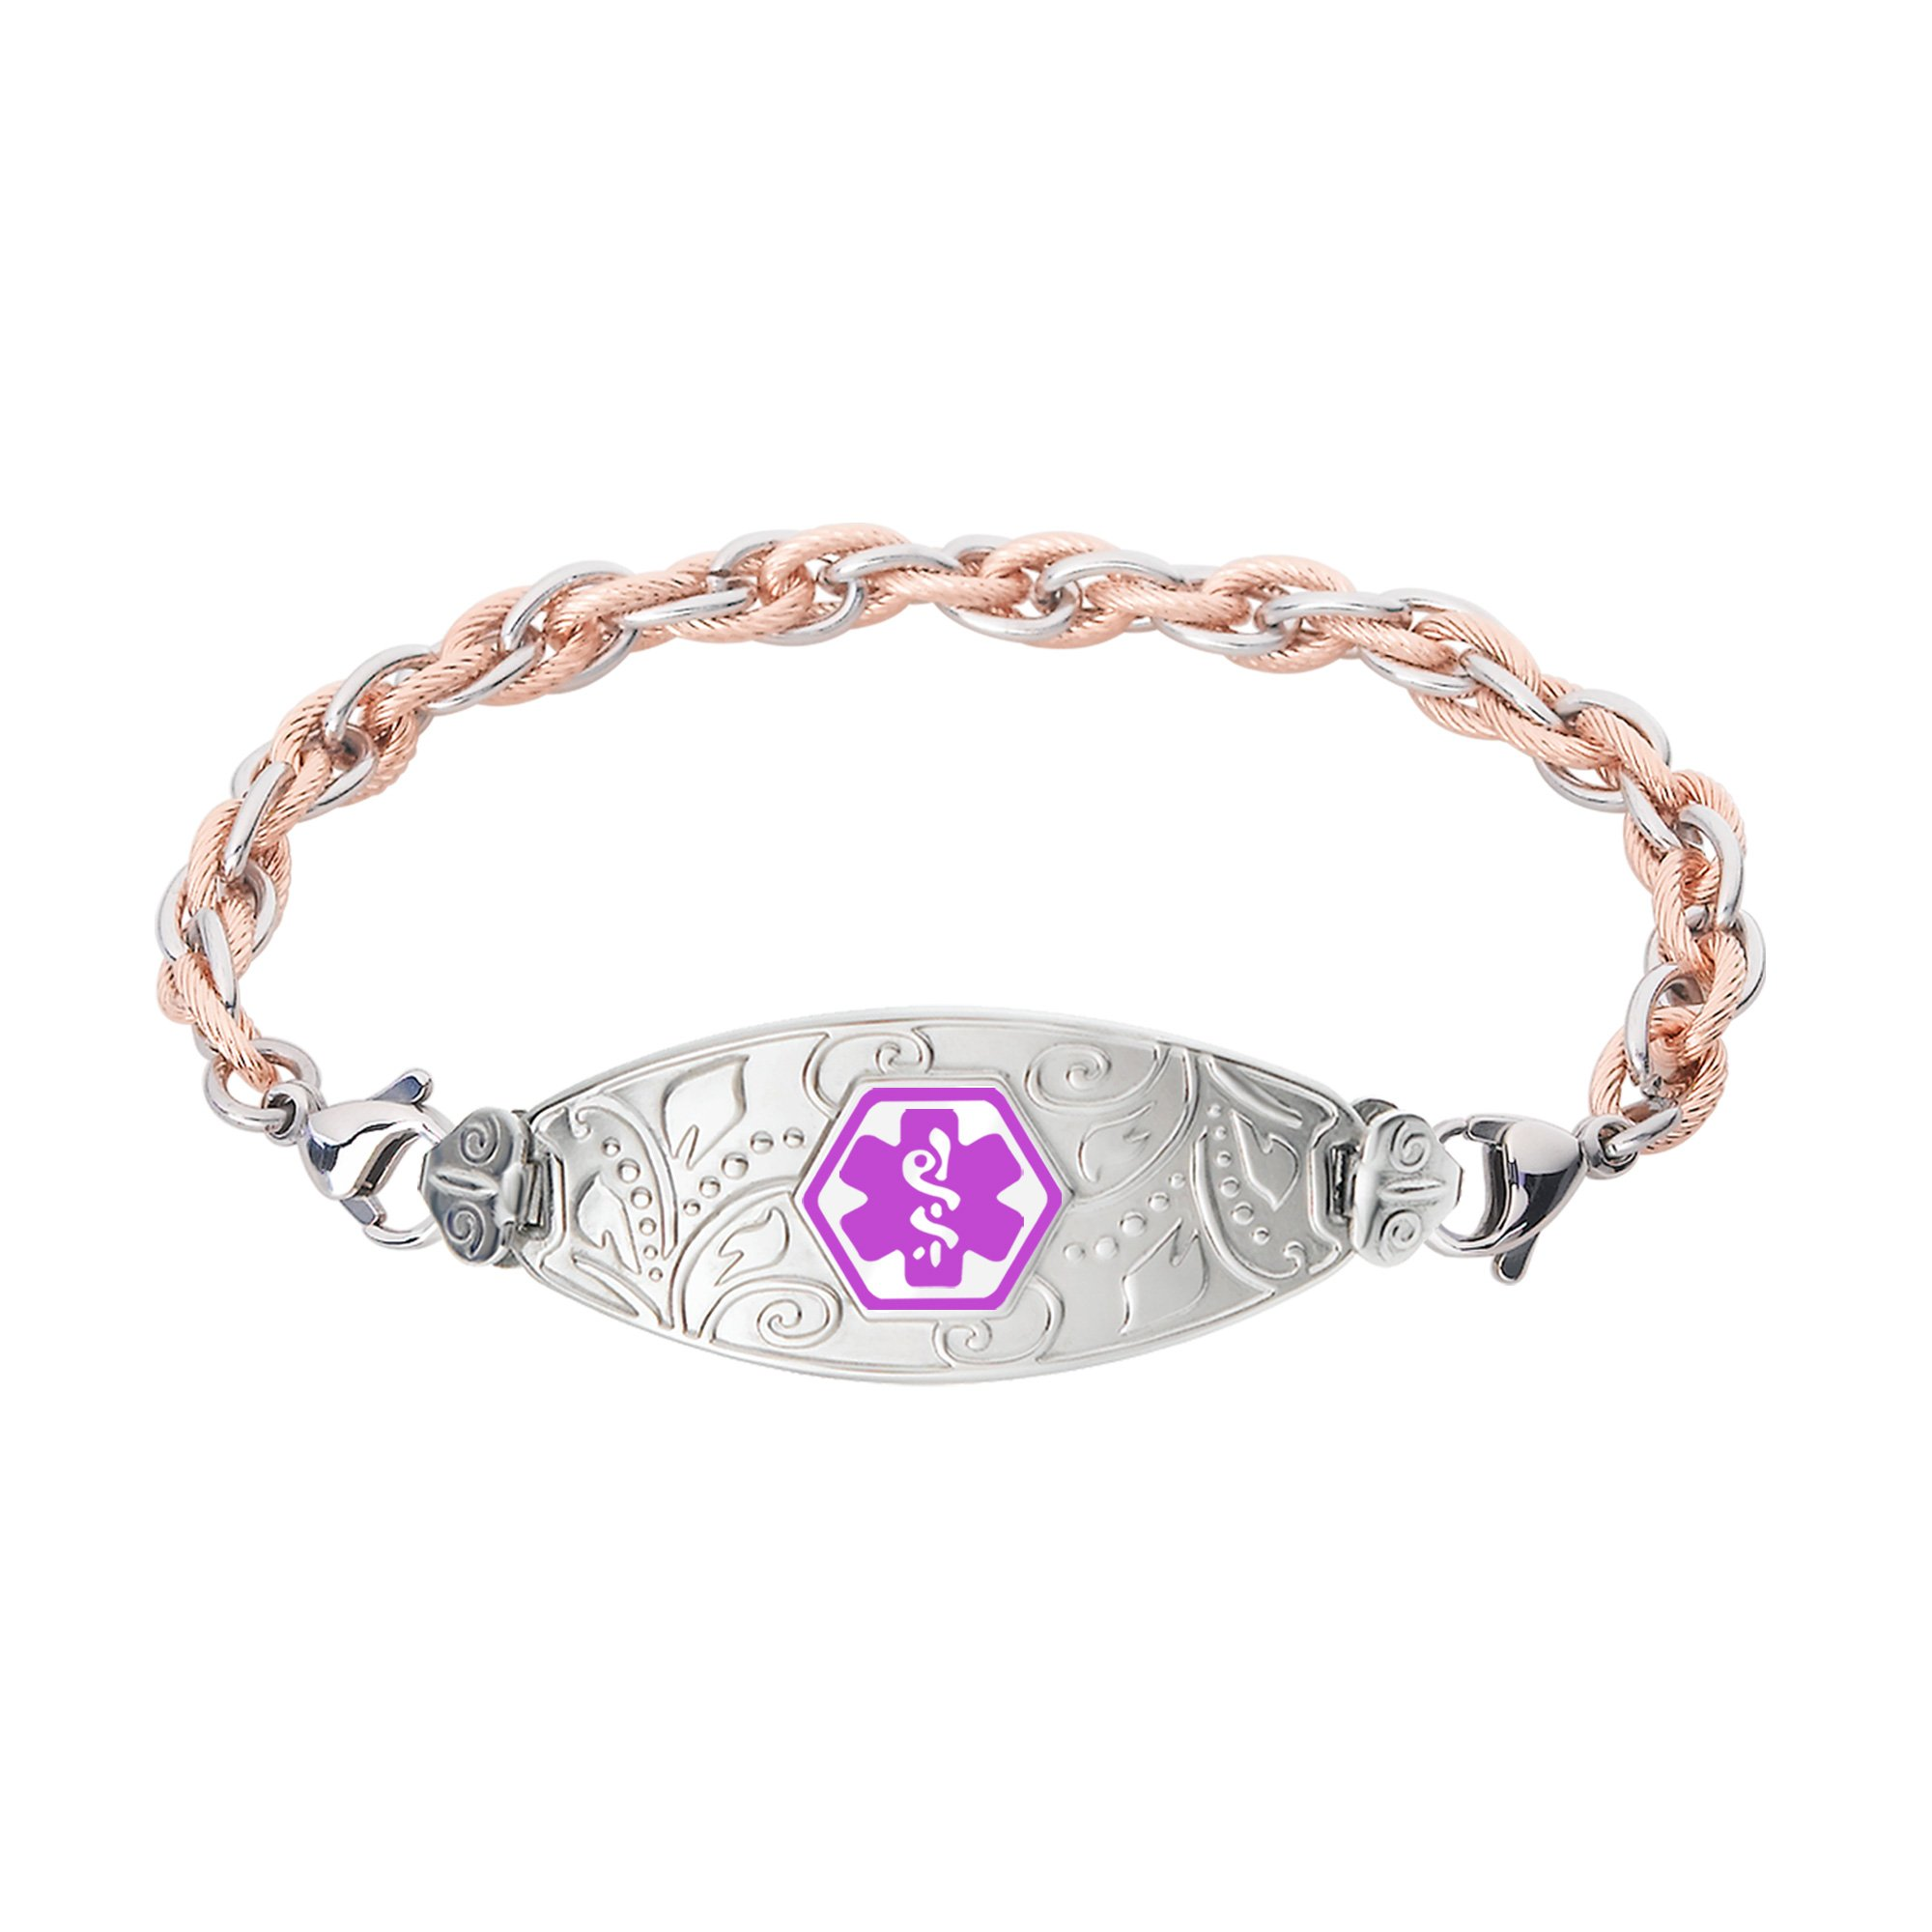 Divoti Custom Engraved Lovely Filigree Medical Alert Bracelet -Inter-Mesh Rose Gold/Silver Stainless -Purple-6.0''